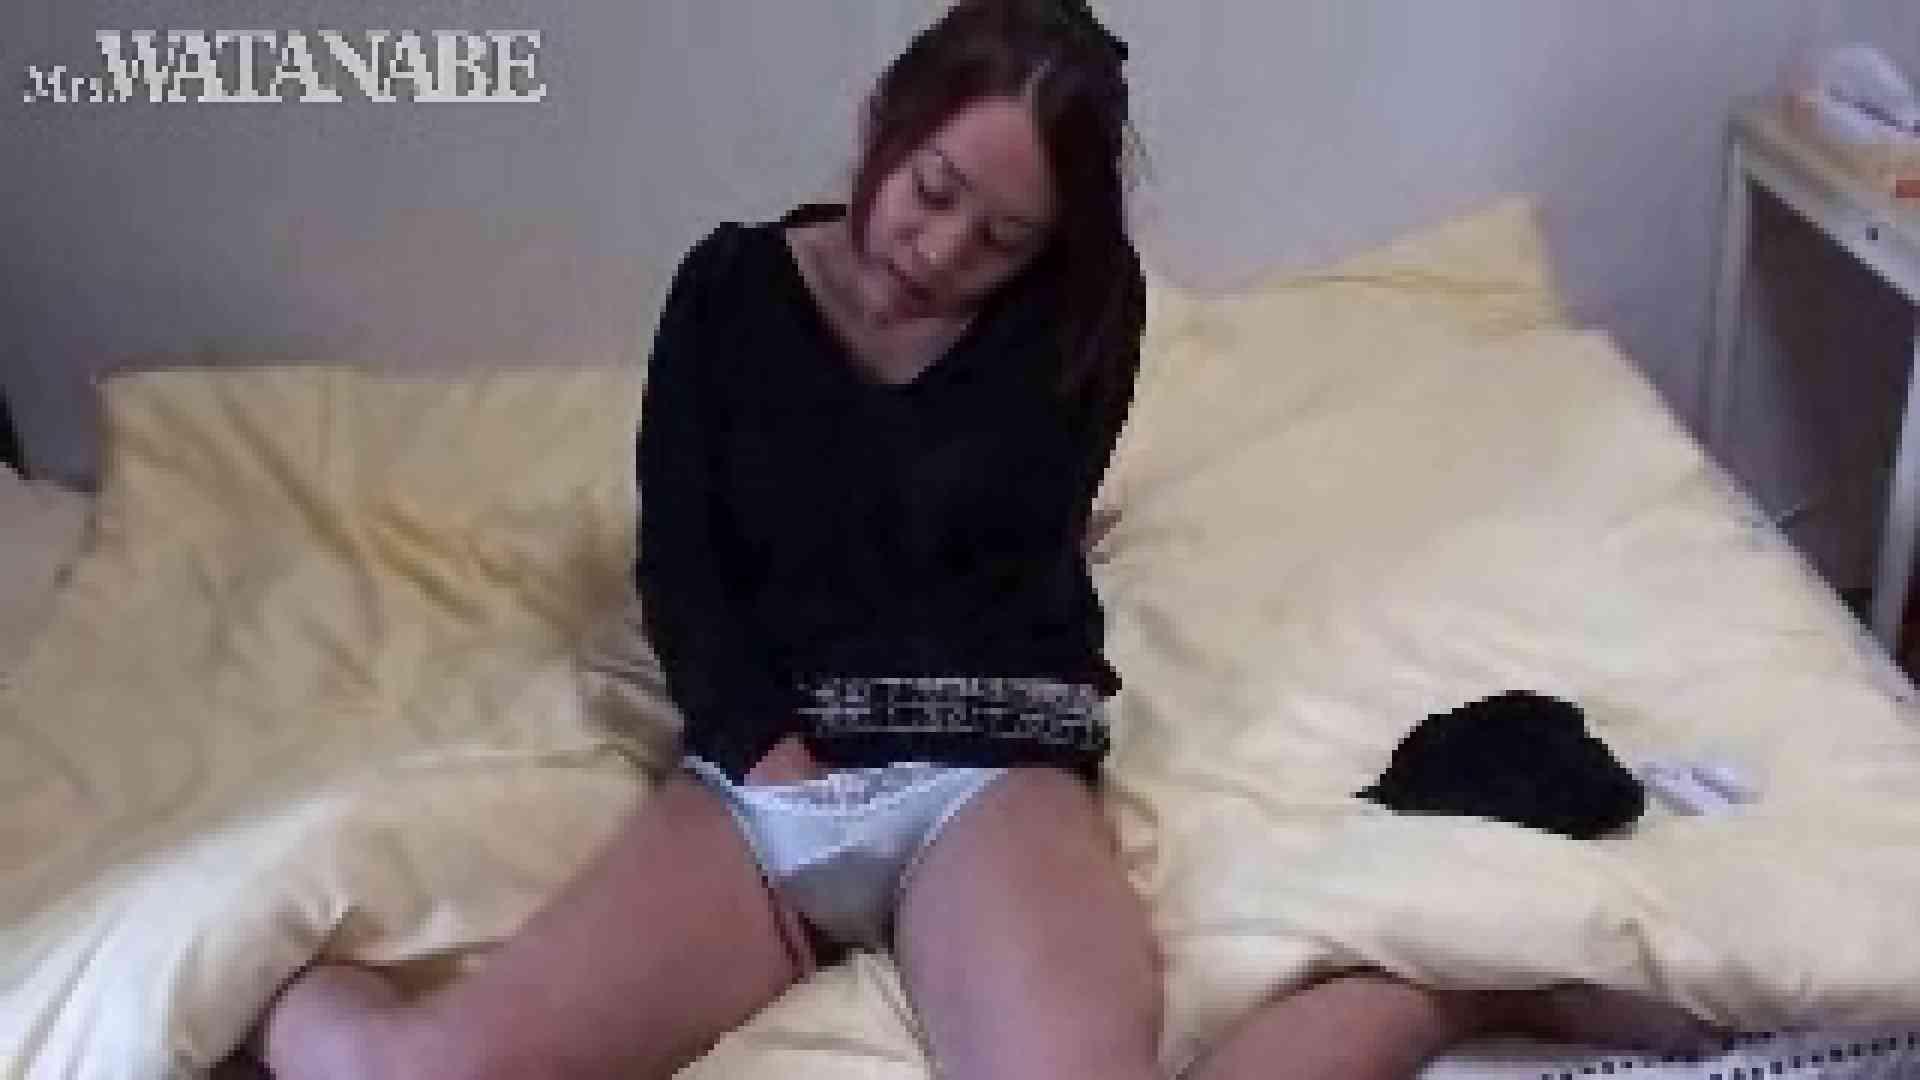 SNSで出会った人妻をハメ撮りしちゃいます 2回目 前編 投稿 | 人妻エロ映像  105pic 100